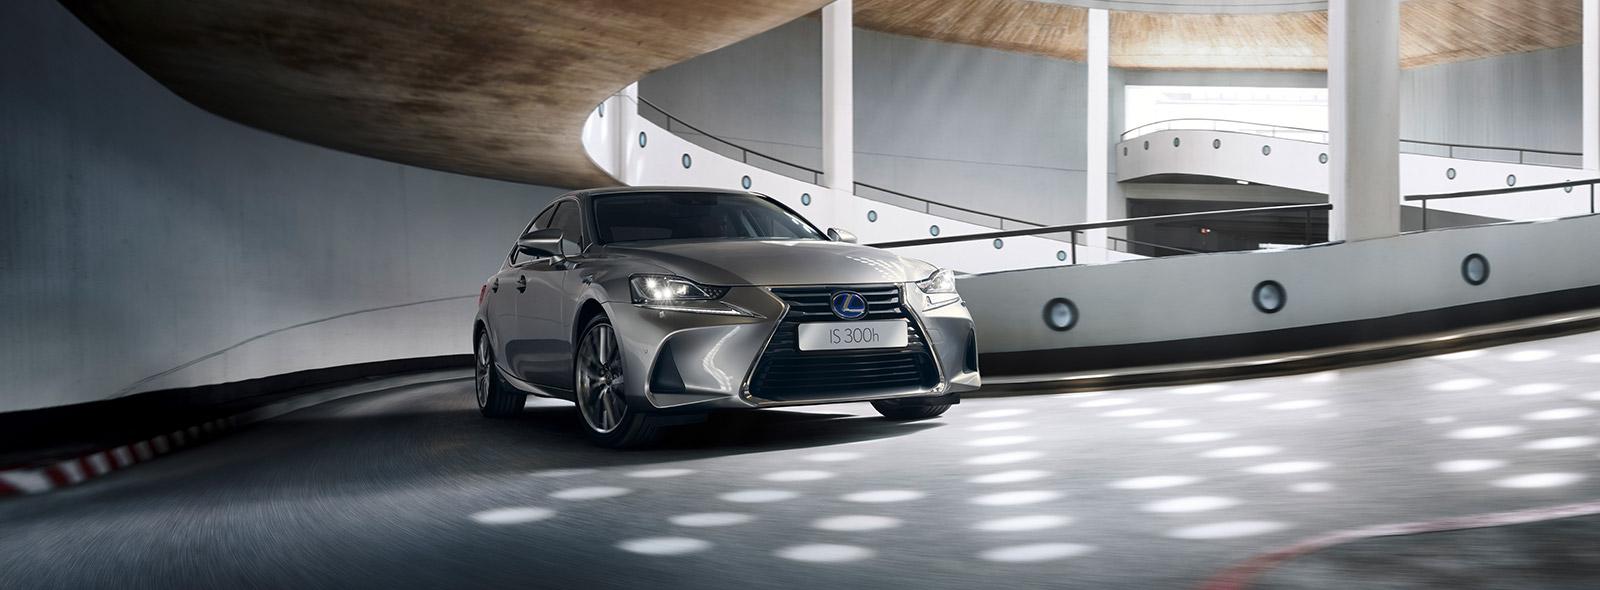 Lexus IS 300h 2017 i parkeringshus